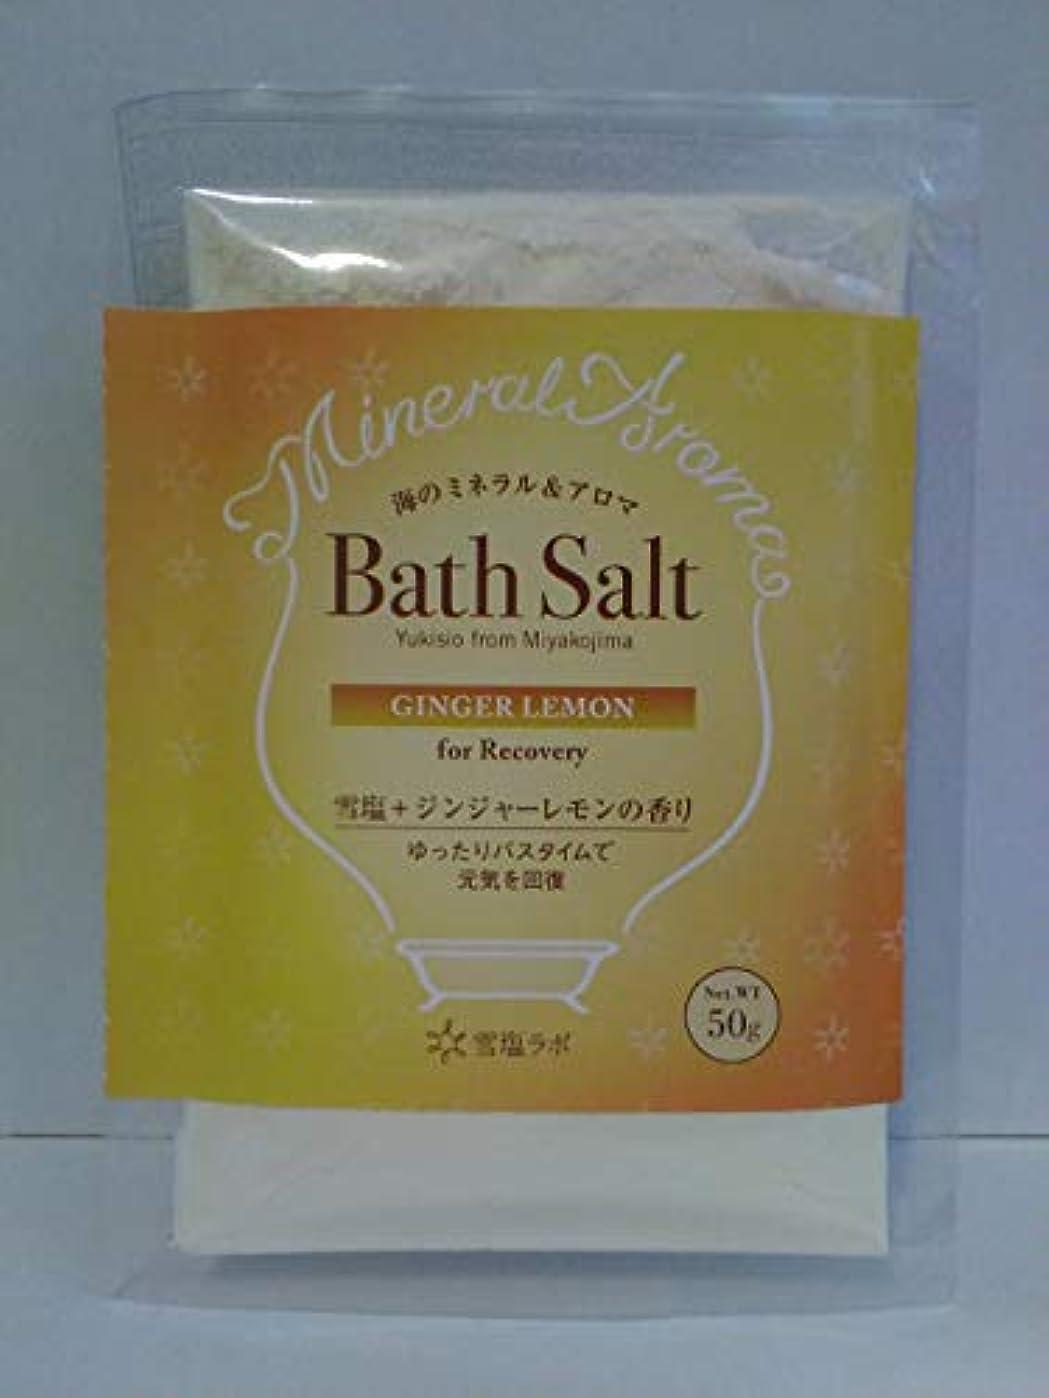 毎月パーセント返済海のミネラル&アロマ Bath Salt 雪塩+ジンジャーレモンの香り